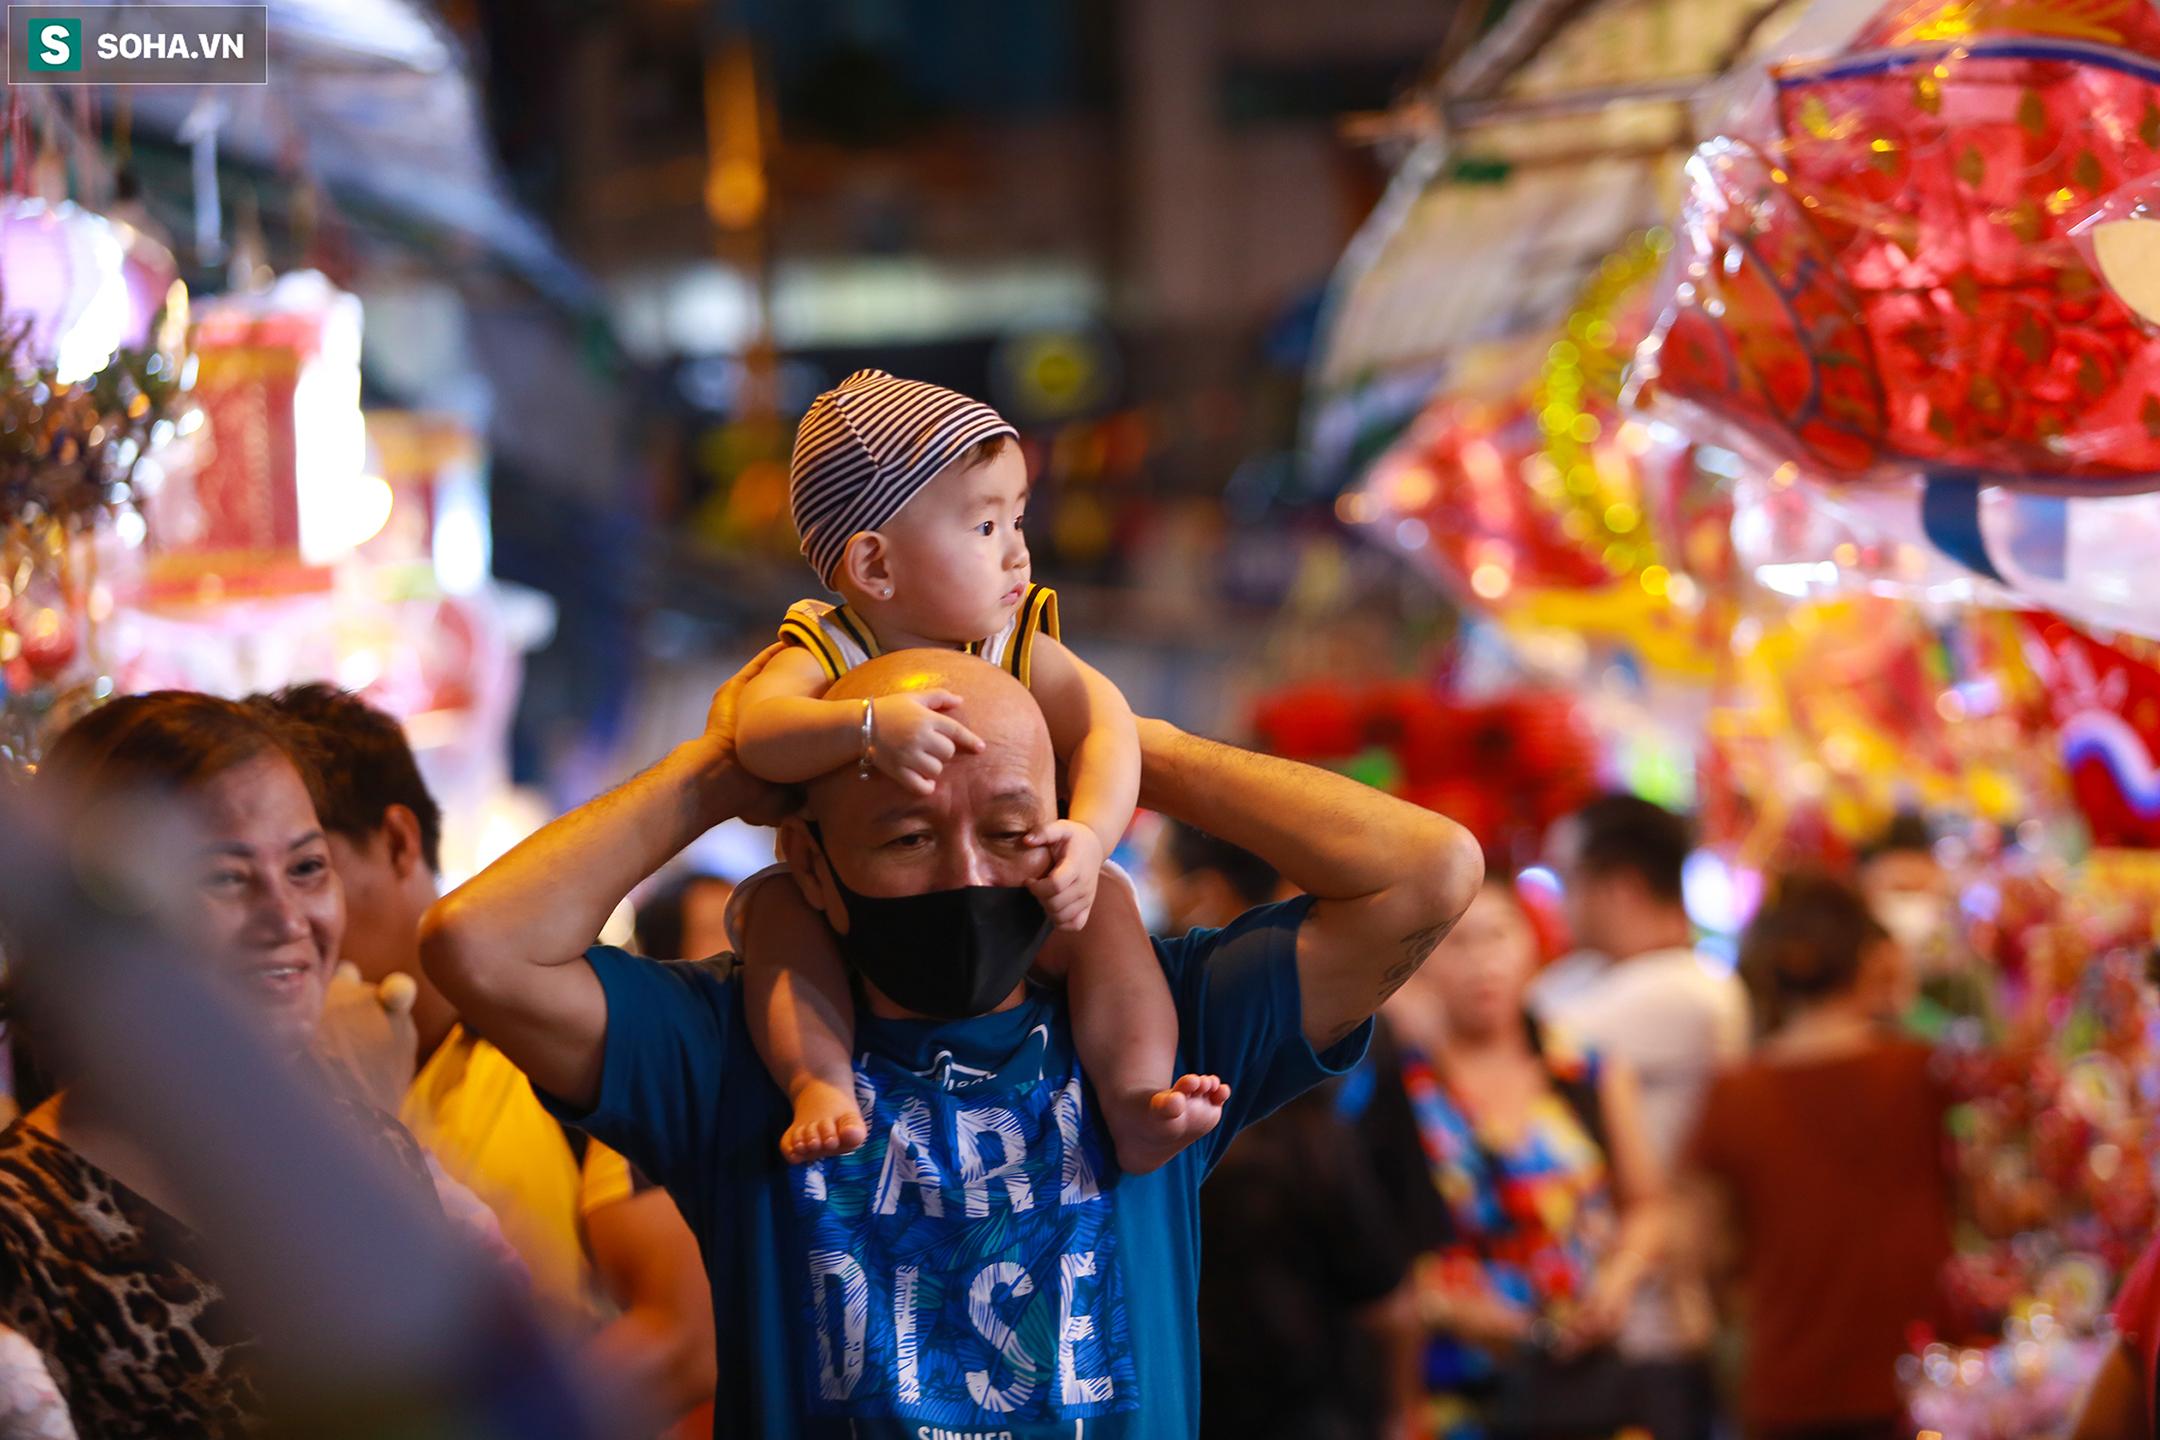 [Ảnh] Người dân chen chân check-in ở phố đèn lồng Sài Gòn trước Trung thu - Ảnh 2.